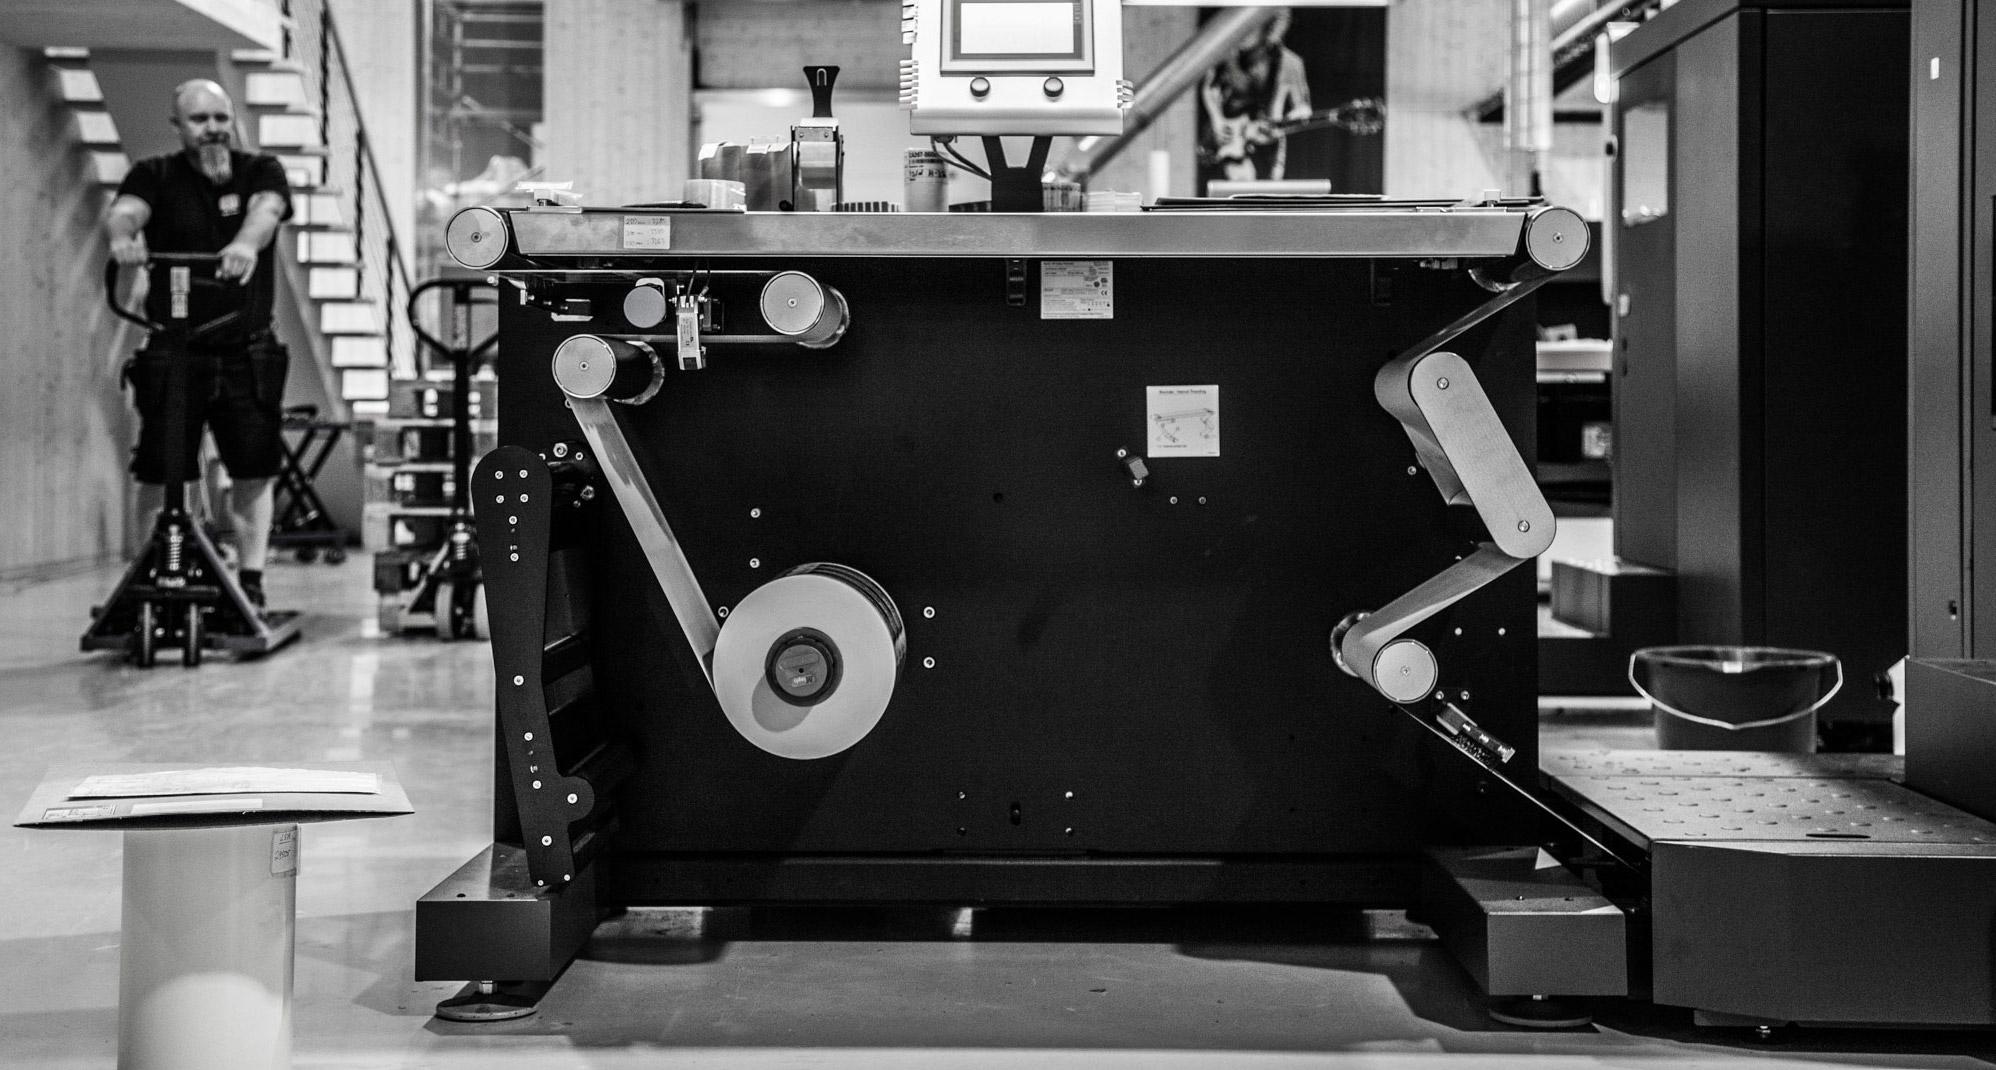 Sjå på denne maskina. Ho er jo stor som ei campingvogn. Det er ein skrivar frå Hewlett Packard.